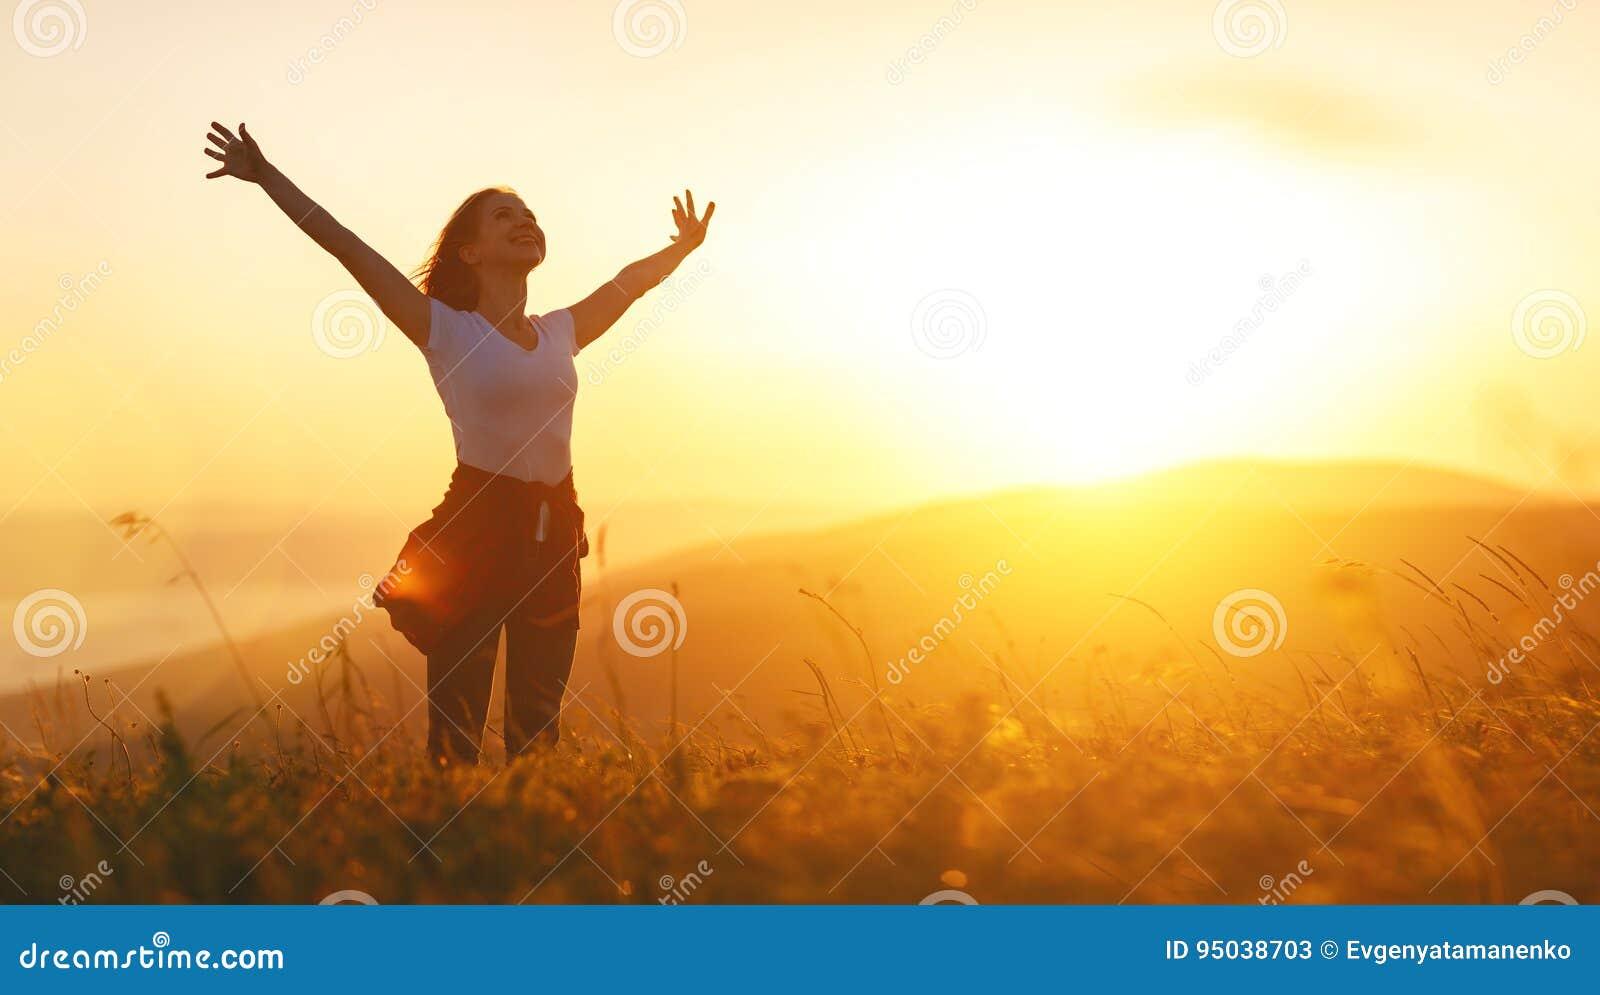 a11ee2b2b8 Glückliche Frau auf dem Sonnenuntergang in der Natur im Sommer mit den  offenen Händen